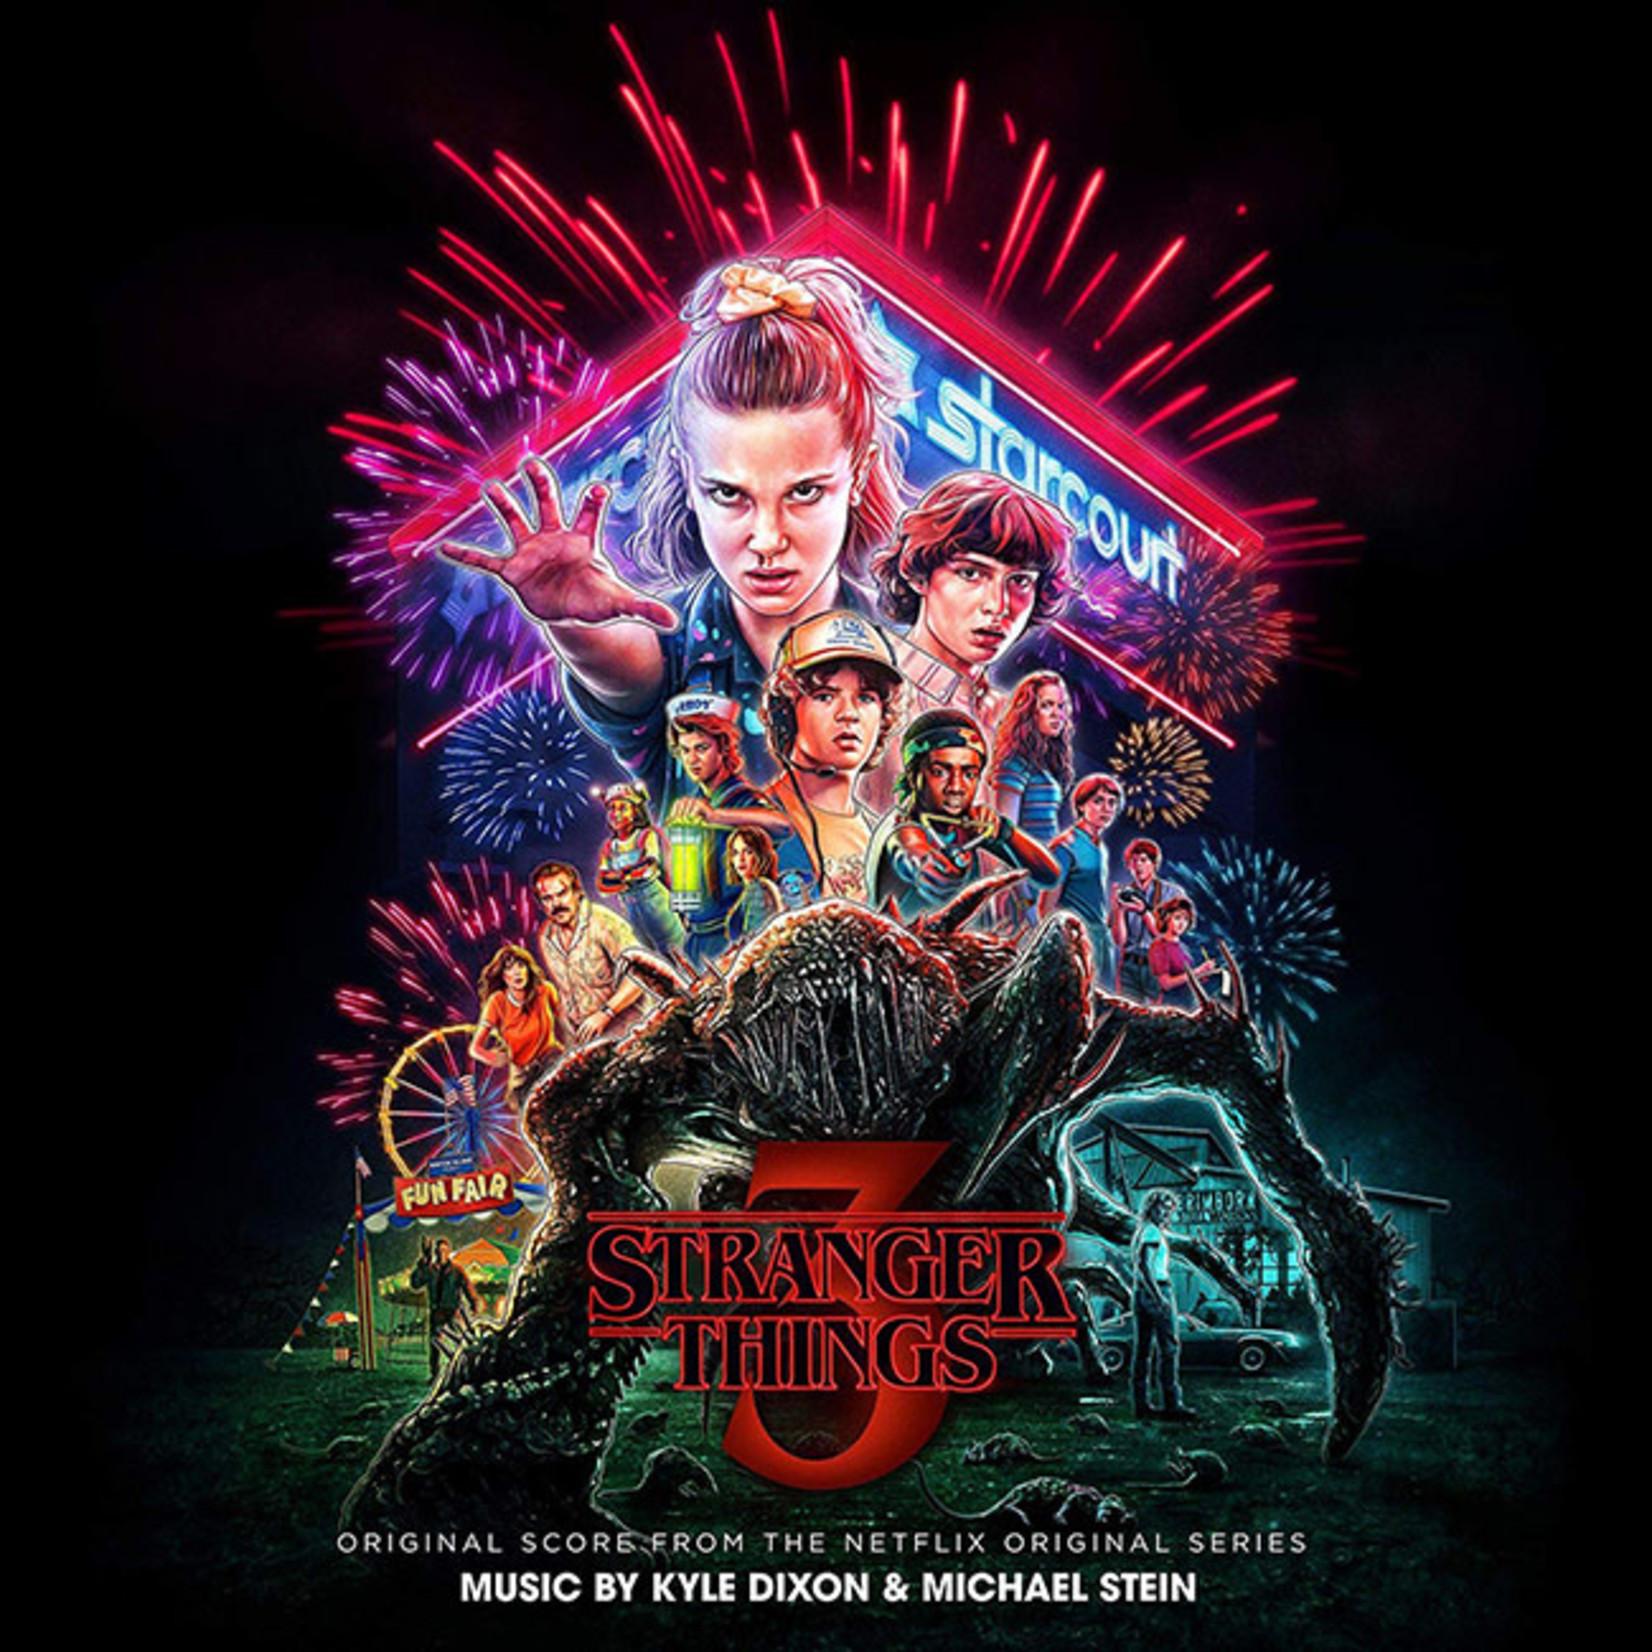 [New] Dixon, Kyle & Michael Stein: Stranger Things 3 (soundtrack) (2LP, splatter vinyl)